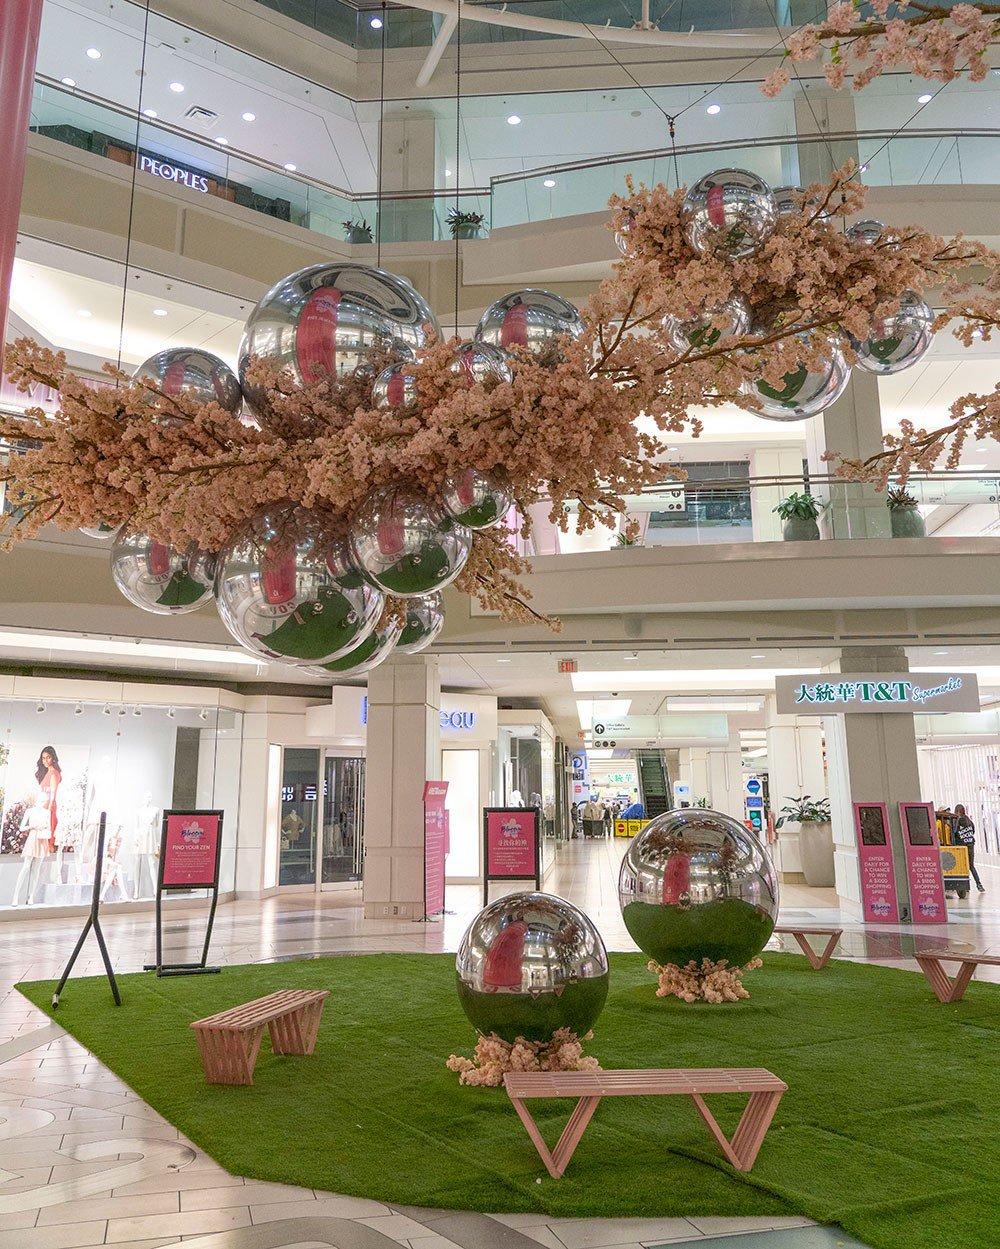 Blossom at Metropolis photo Metropolis_Blossom_BZC7268_web.jpg